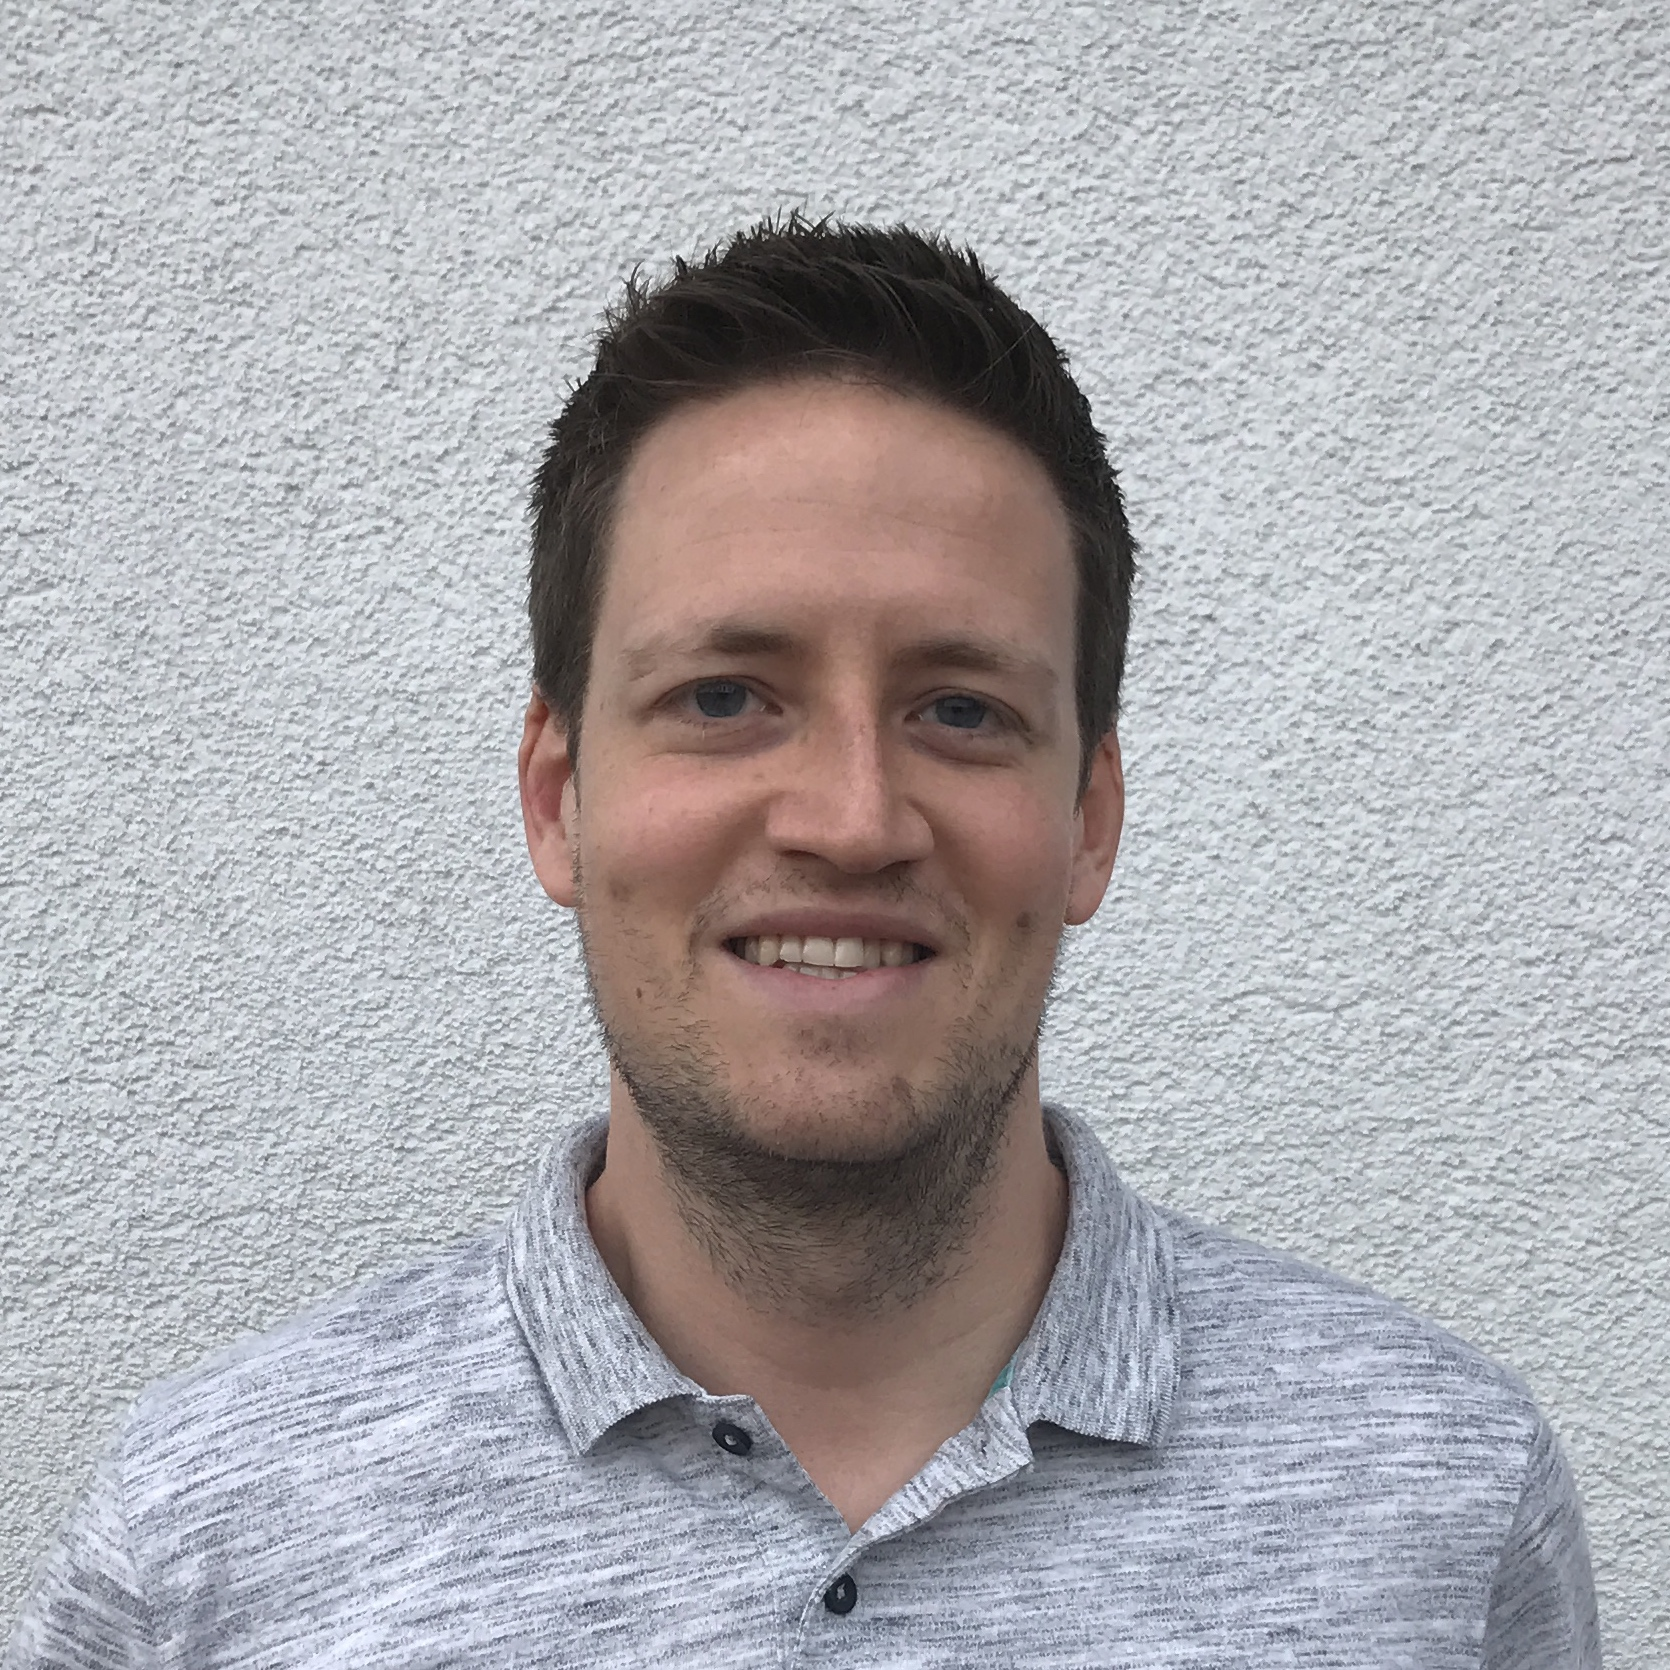 Daniel Koenig